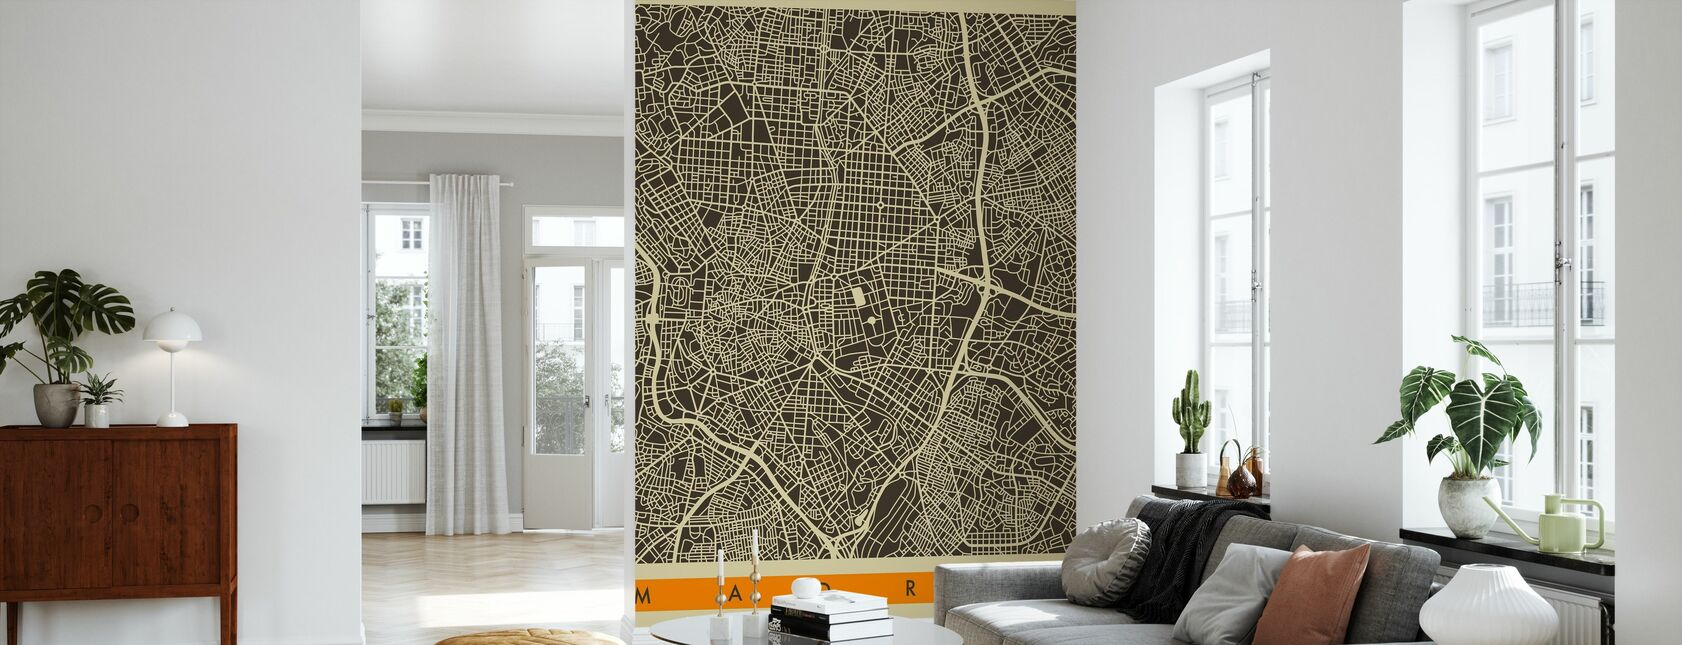 Mapa de la ciudad - Madrid - Papel pintado - Salón